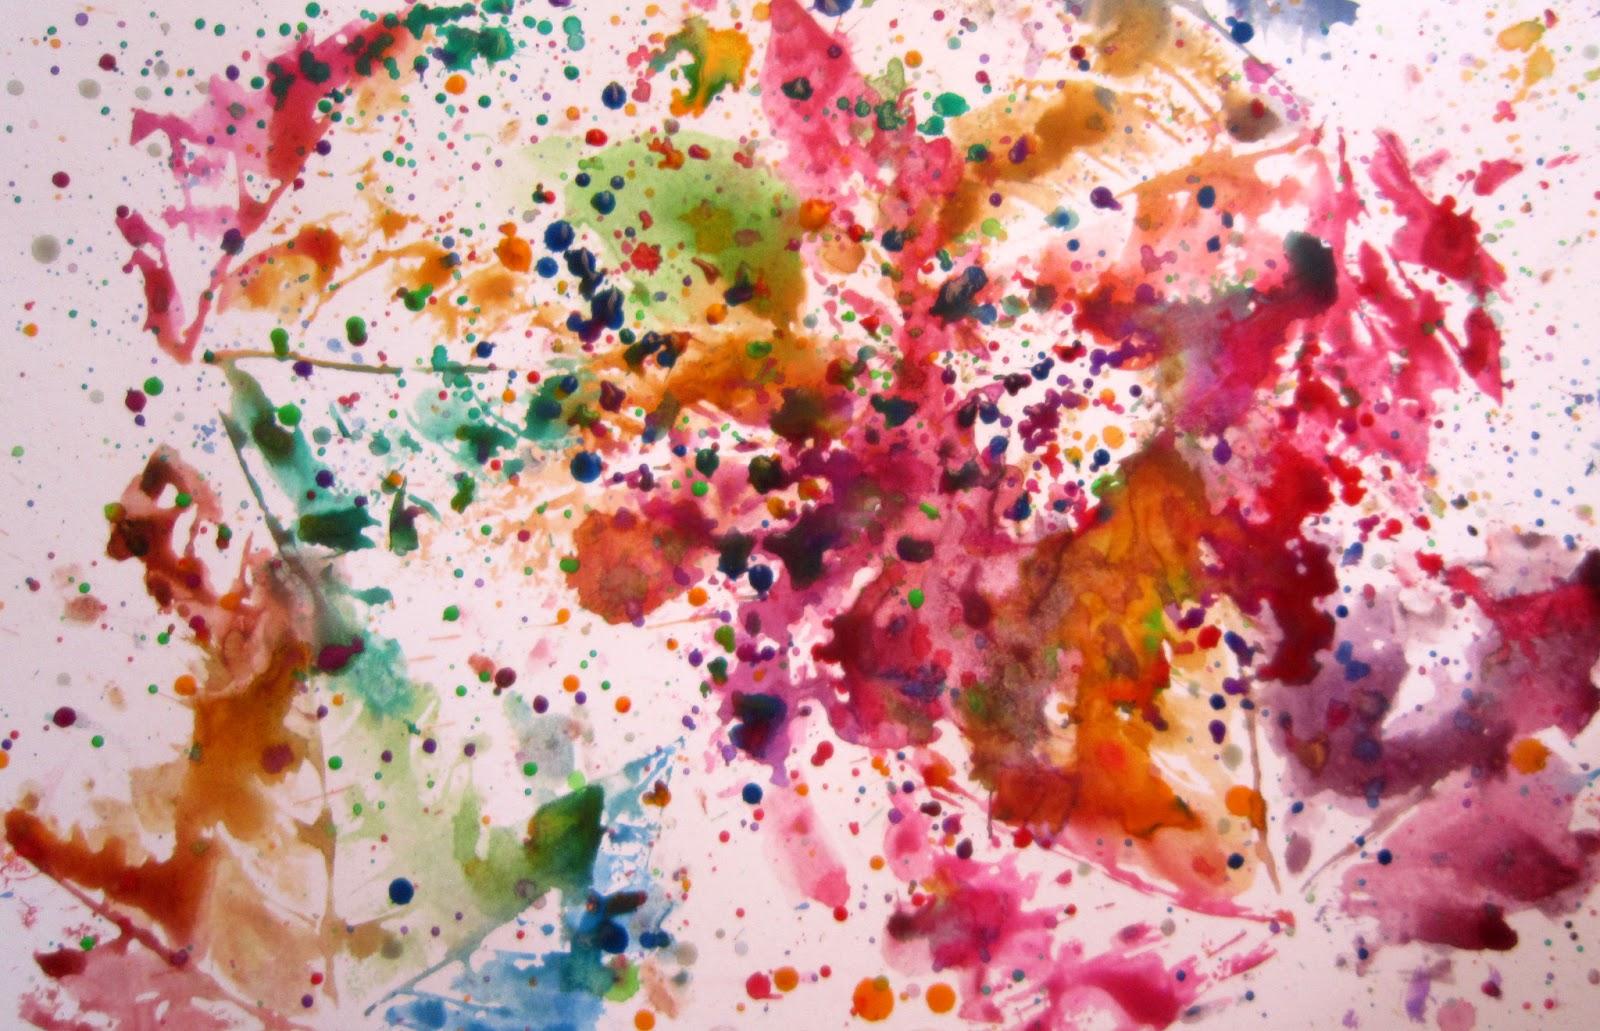 pintando con hojas secas